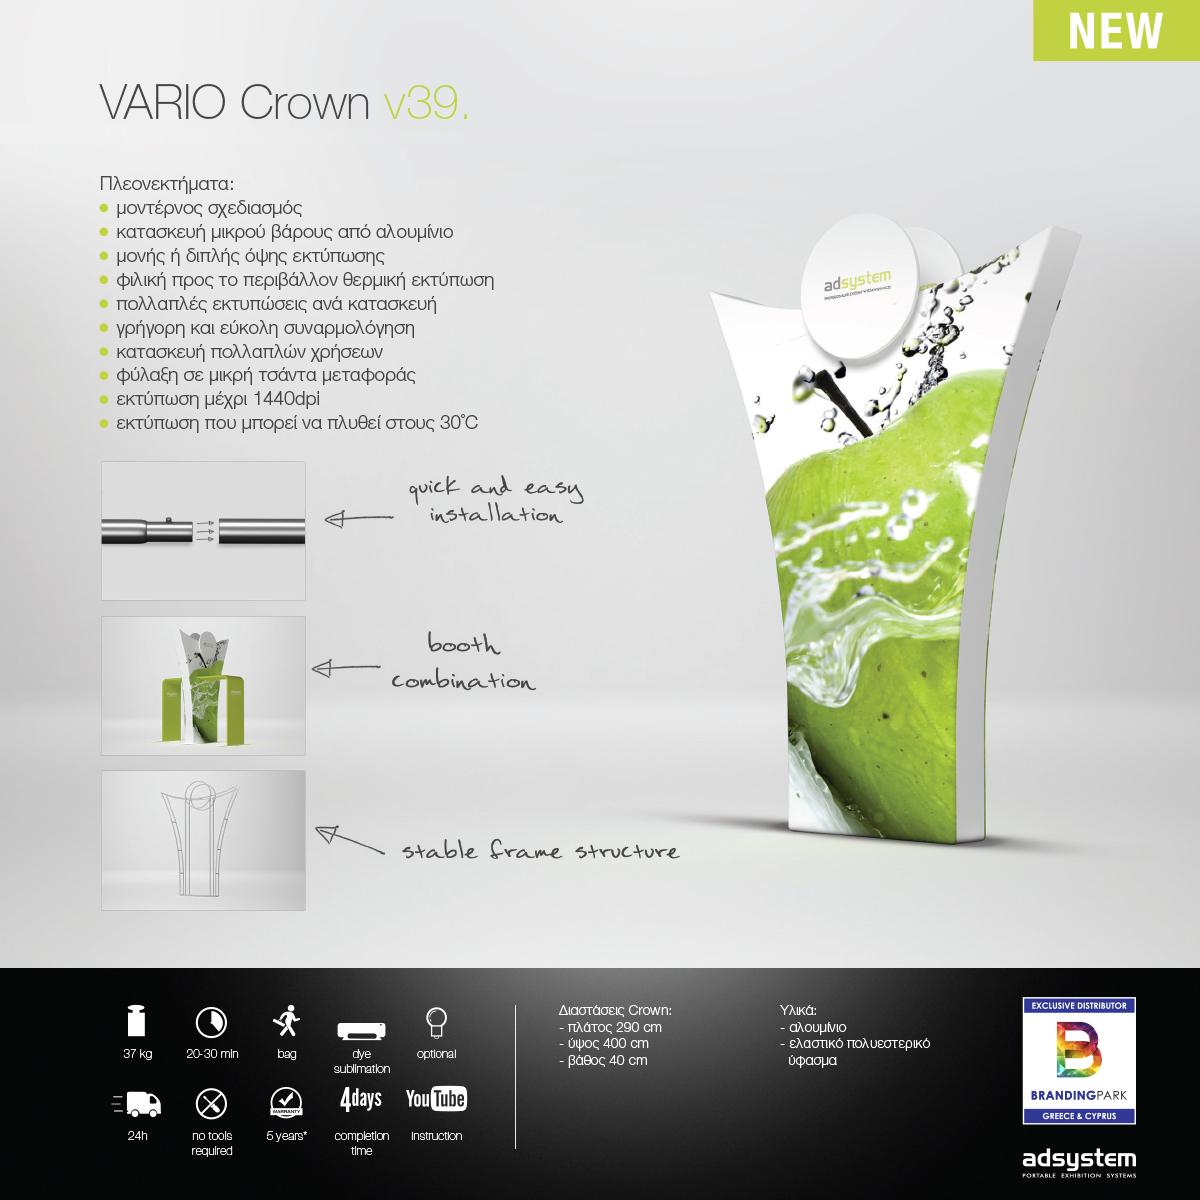 Υφασμάτινη πλάτη προβολής VARIO Crown v39. new product